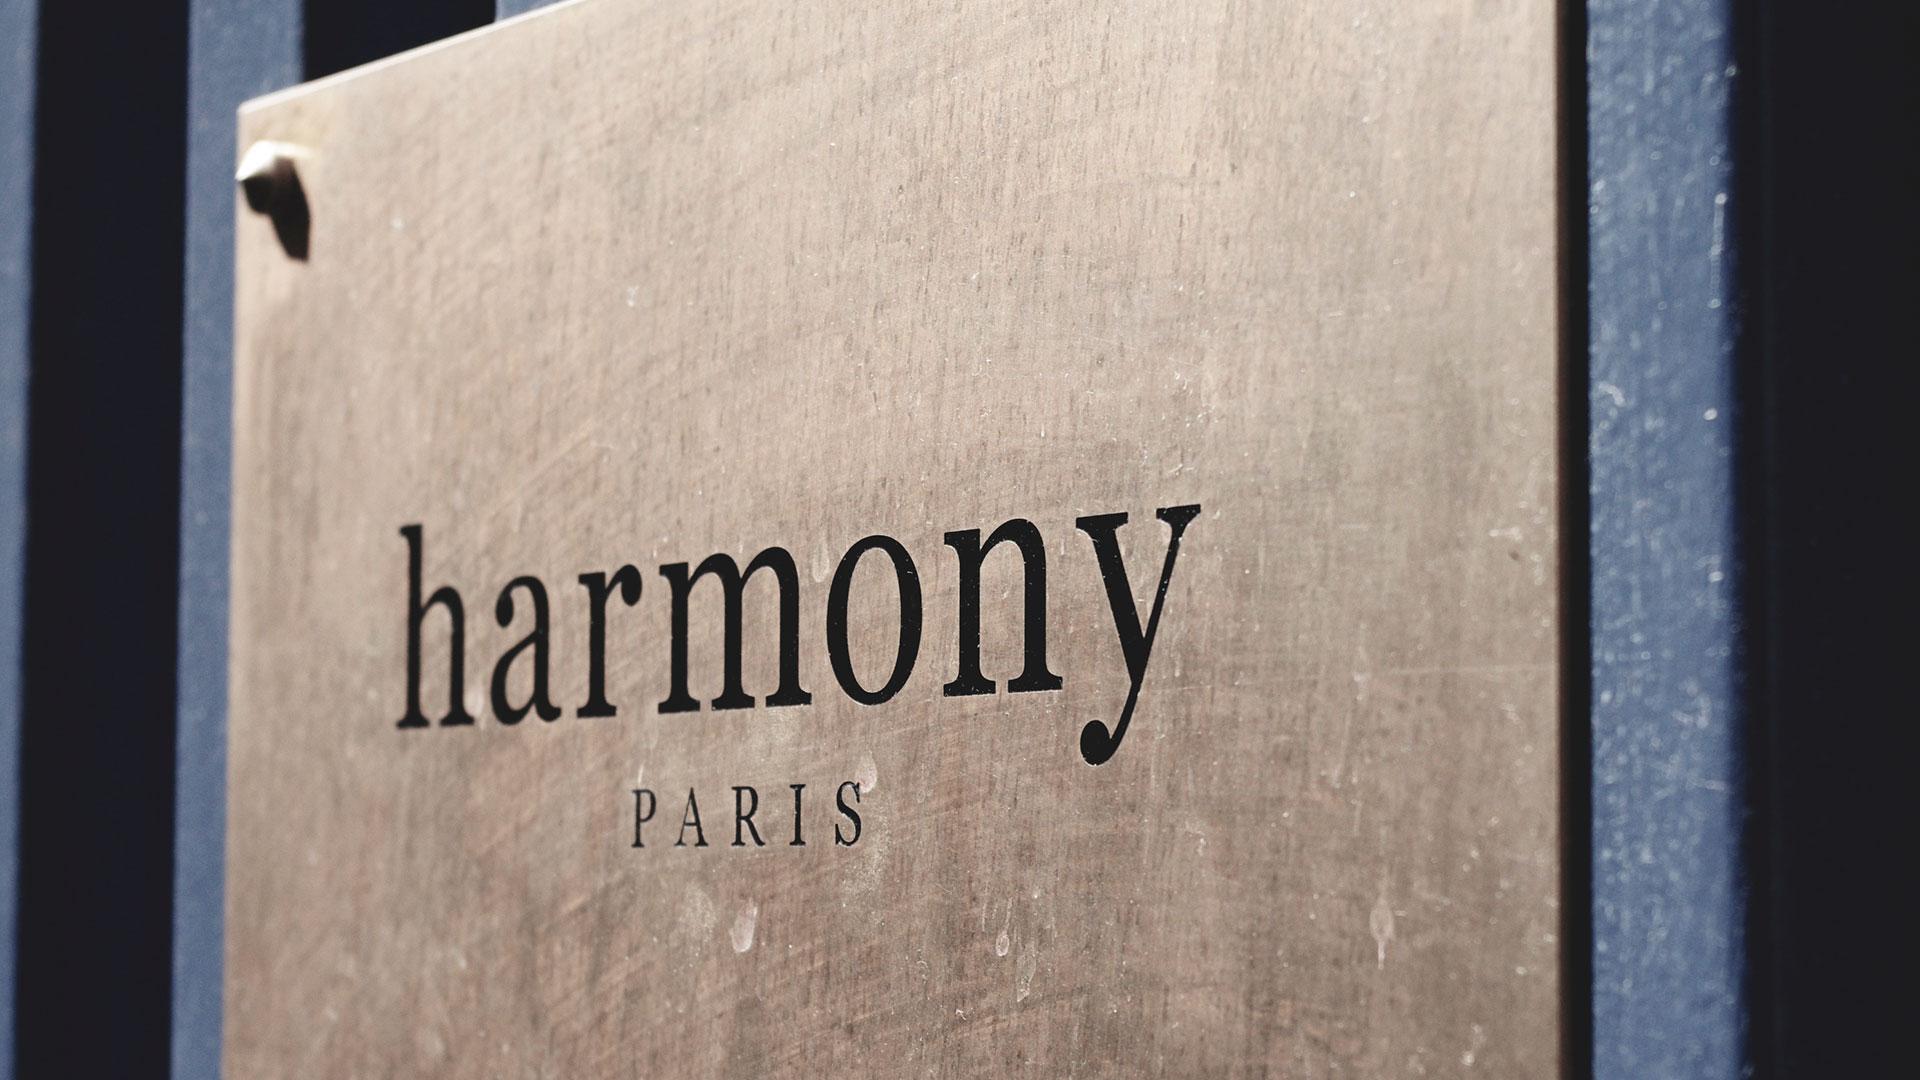 Harmony París hero asset